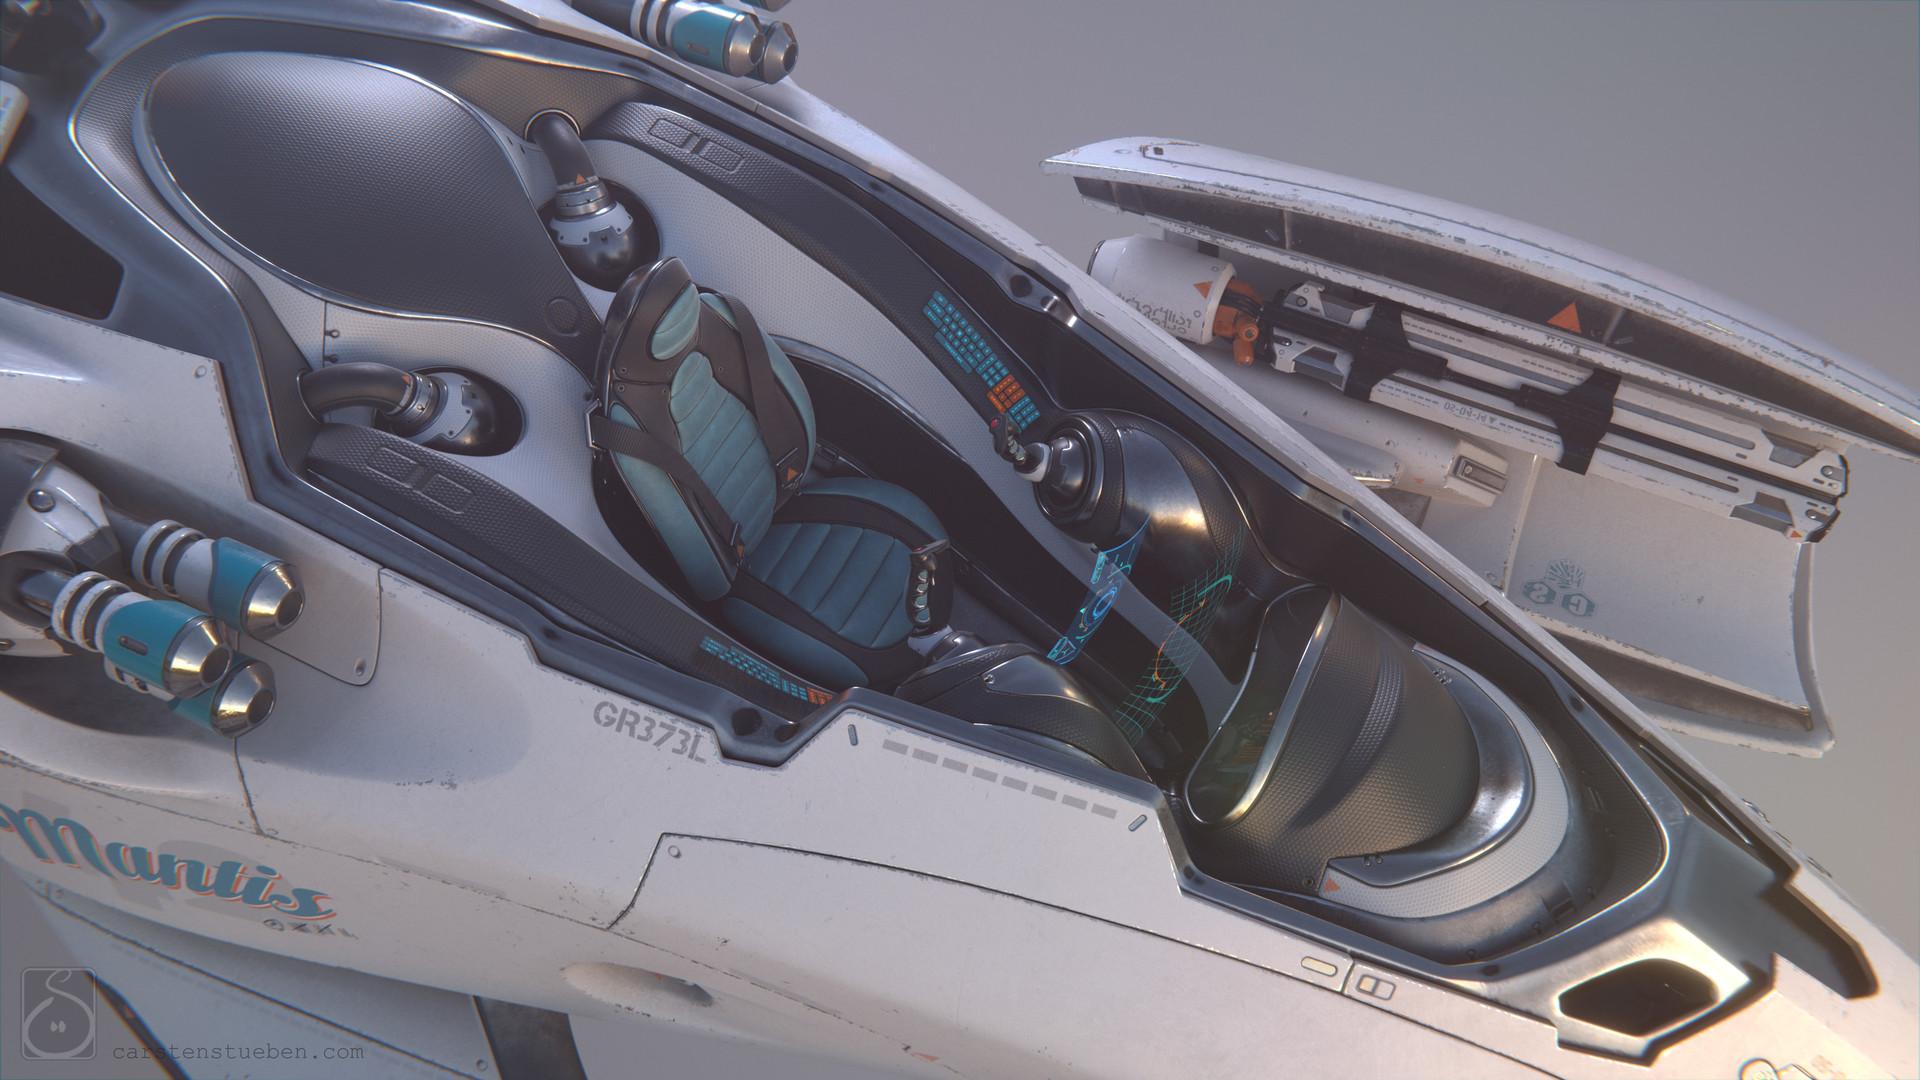 Carsten stueben thrust mantis42 cockpit03